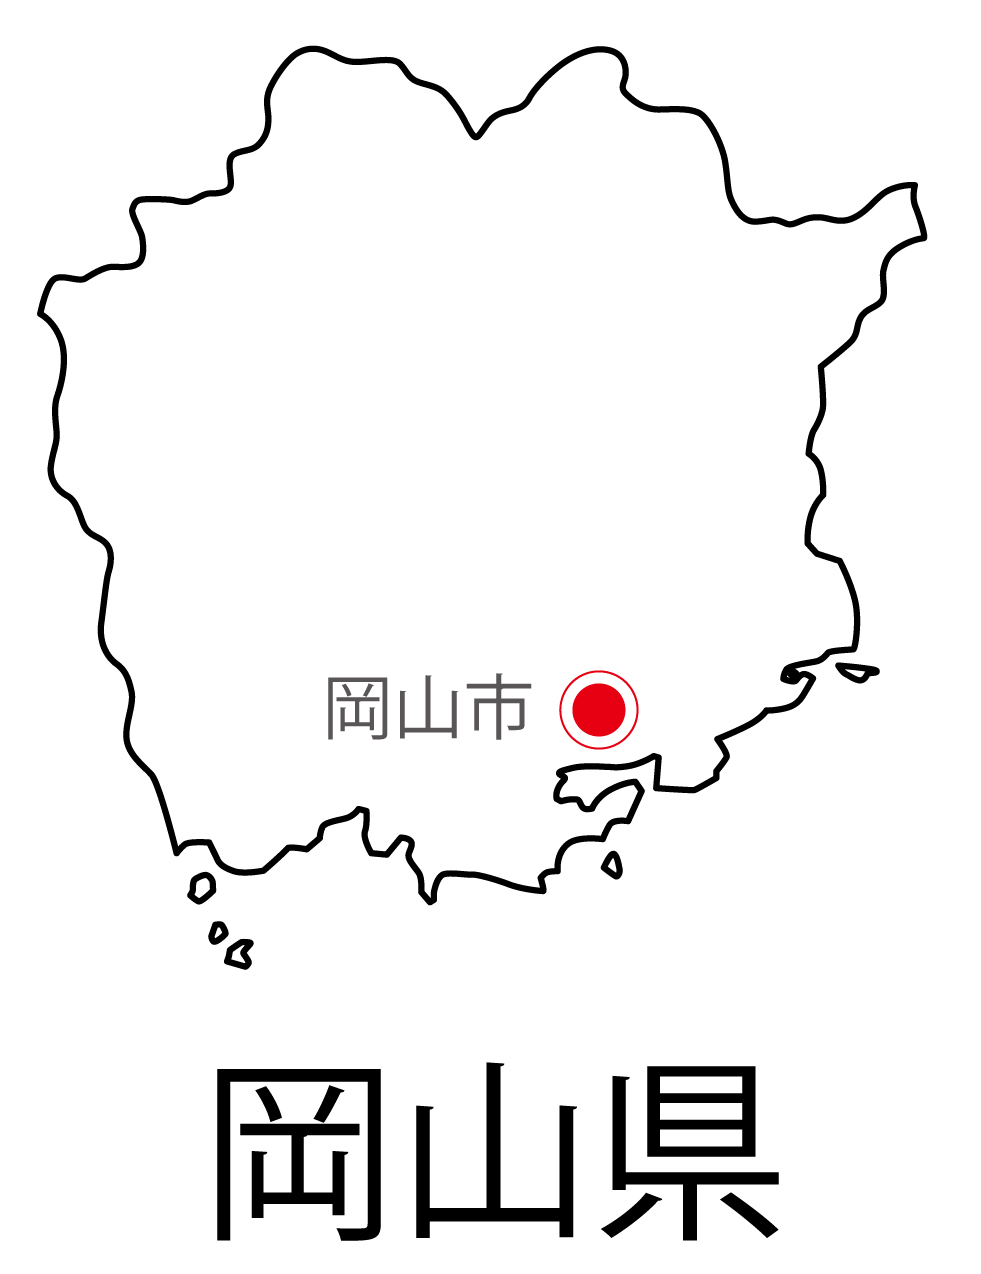 岡山県無料フリーイラスト|日本語・都道府県名あり・県庁所在地あり(白)